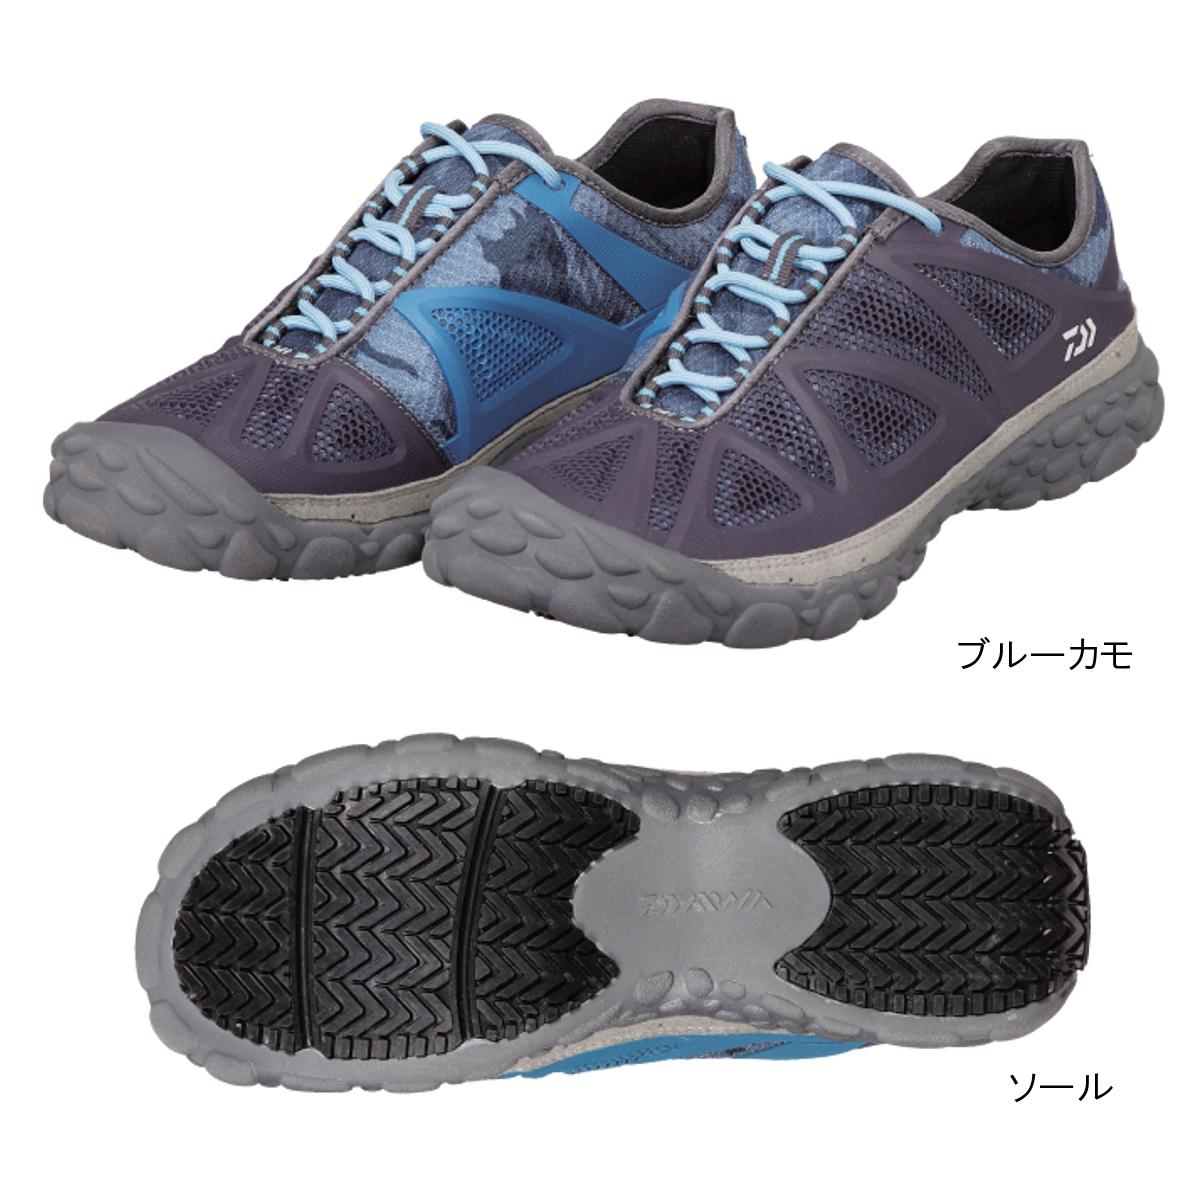 ダイワ フィッシングシューズ DS-2301HV 27.0cm ブルーカモ(東日本店)